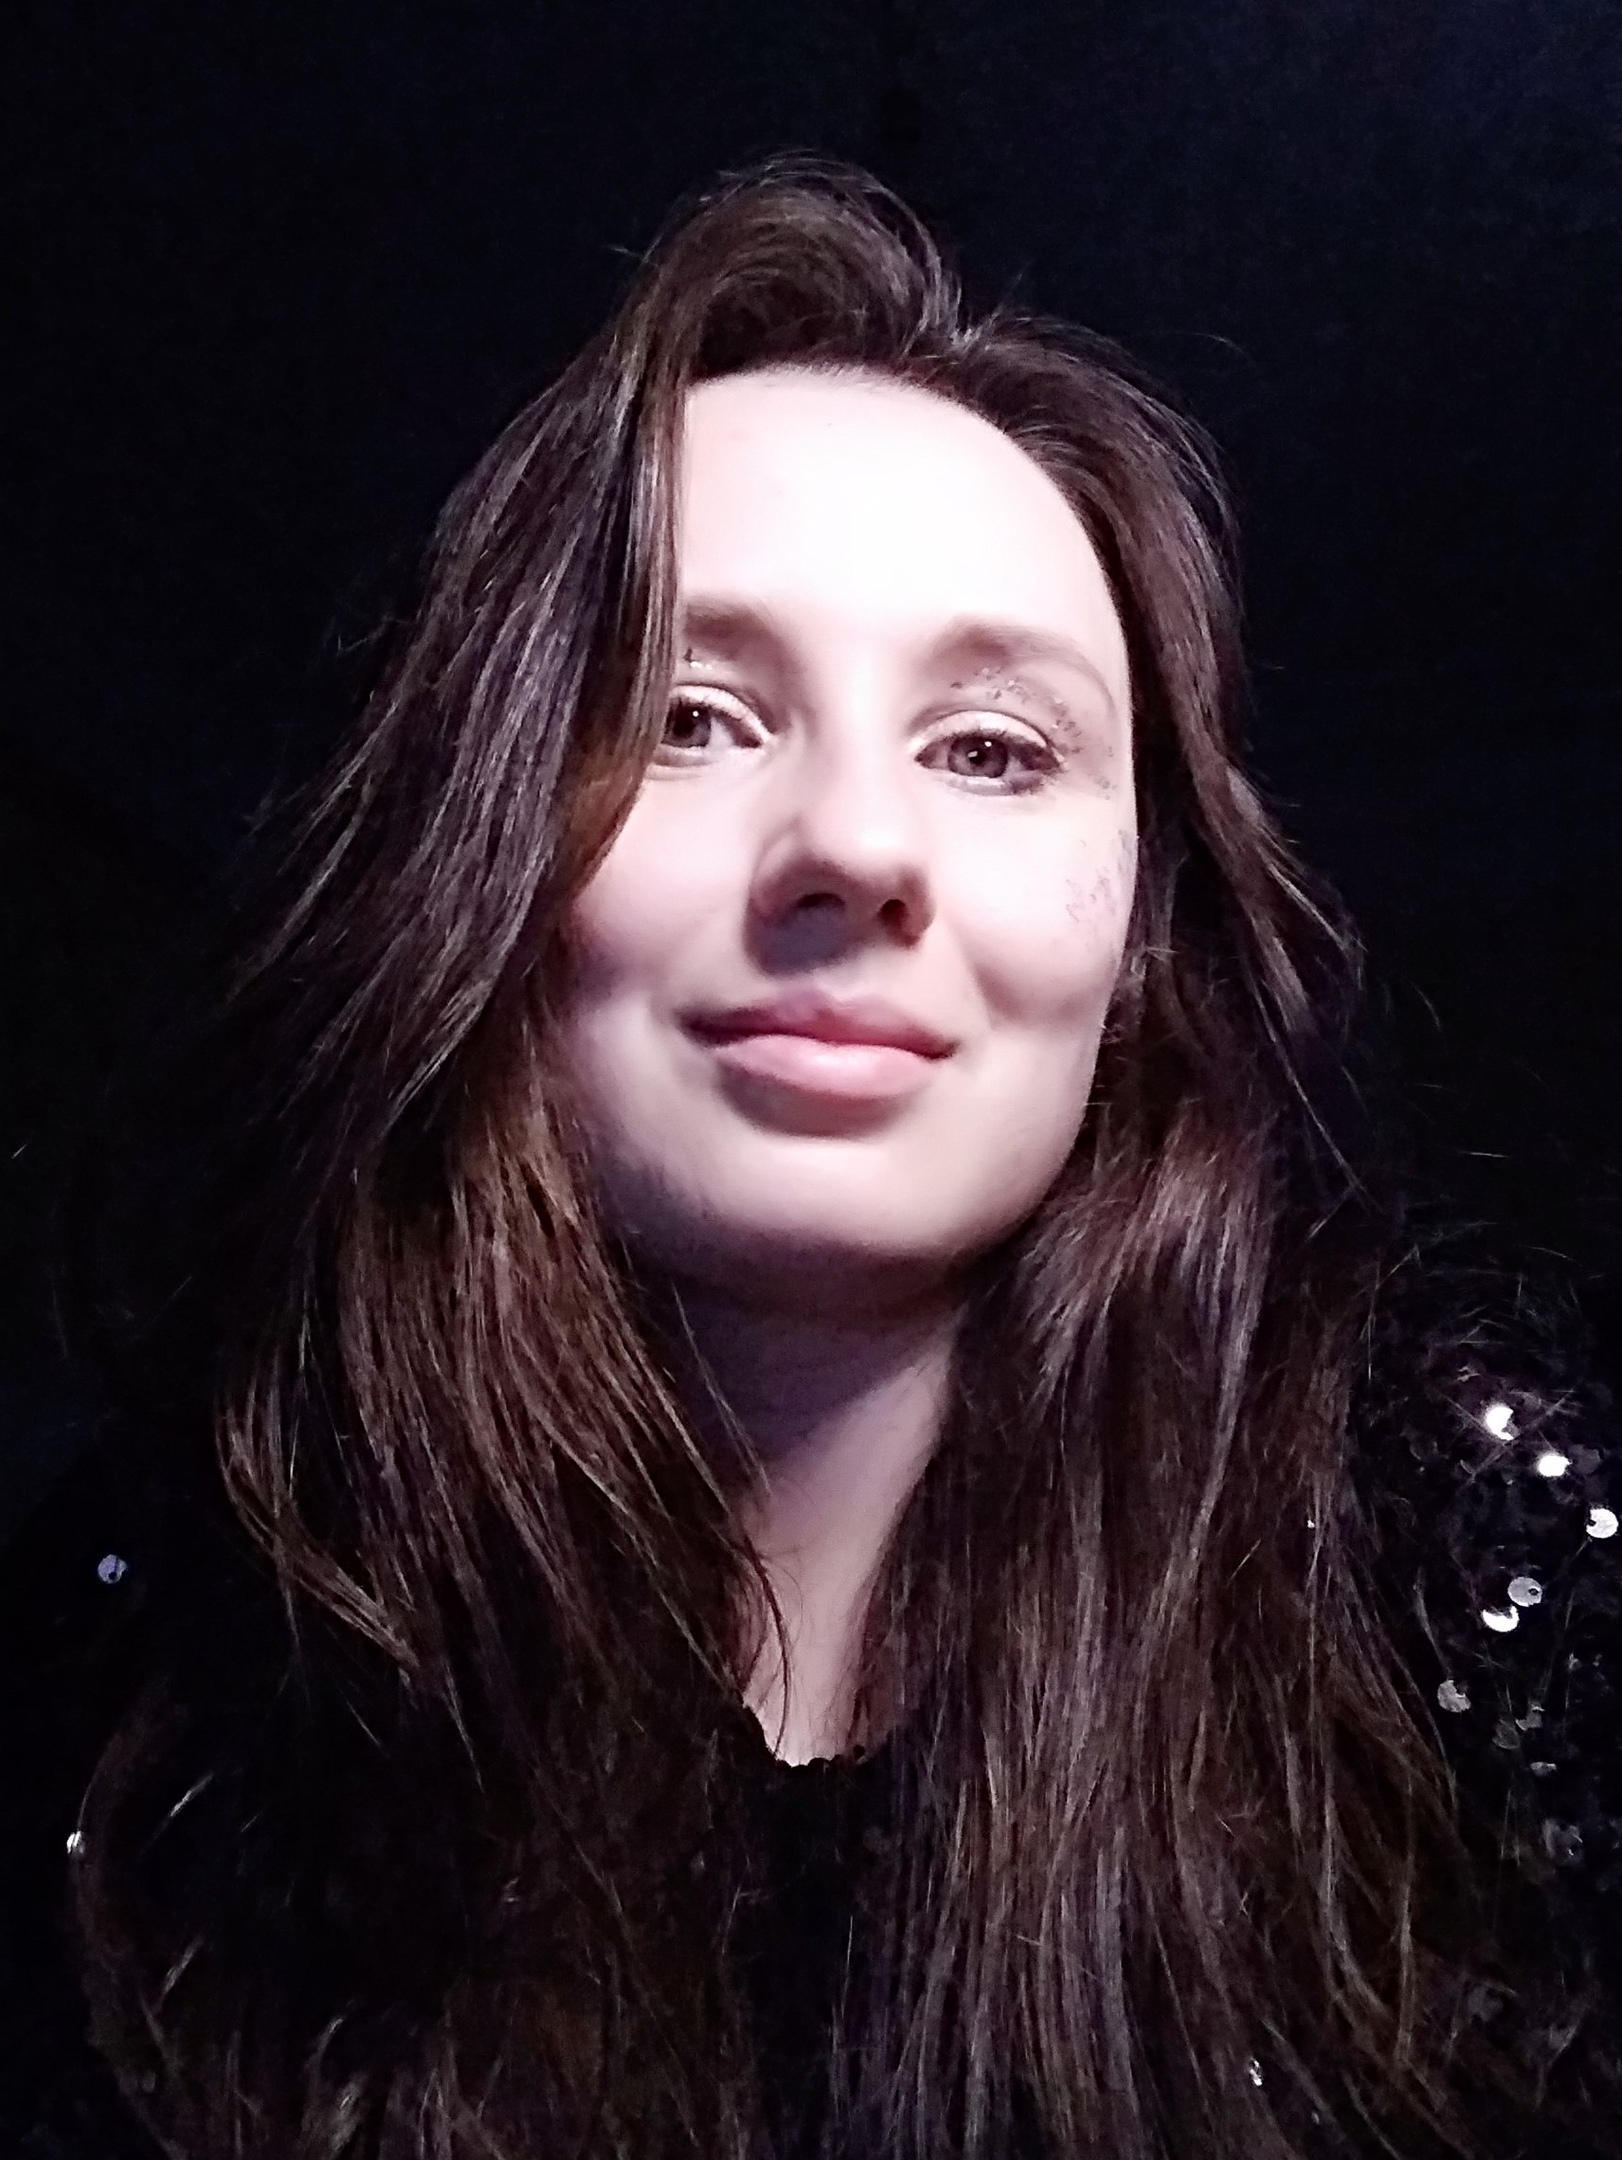 Интервью с Екатериной Угленко, художником нового спектакля «Летел и таял» 1-S4kQ02Sz3ig